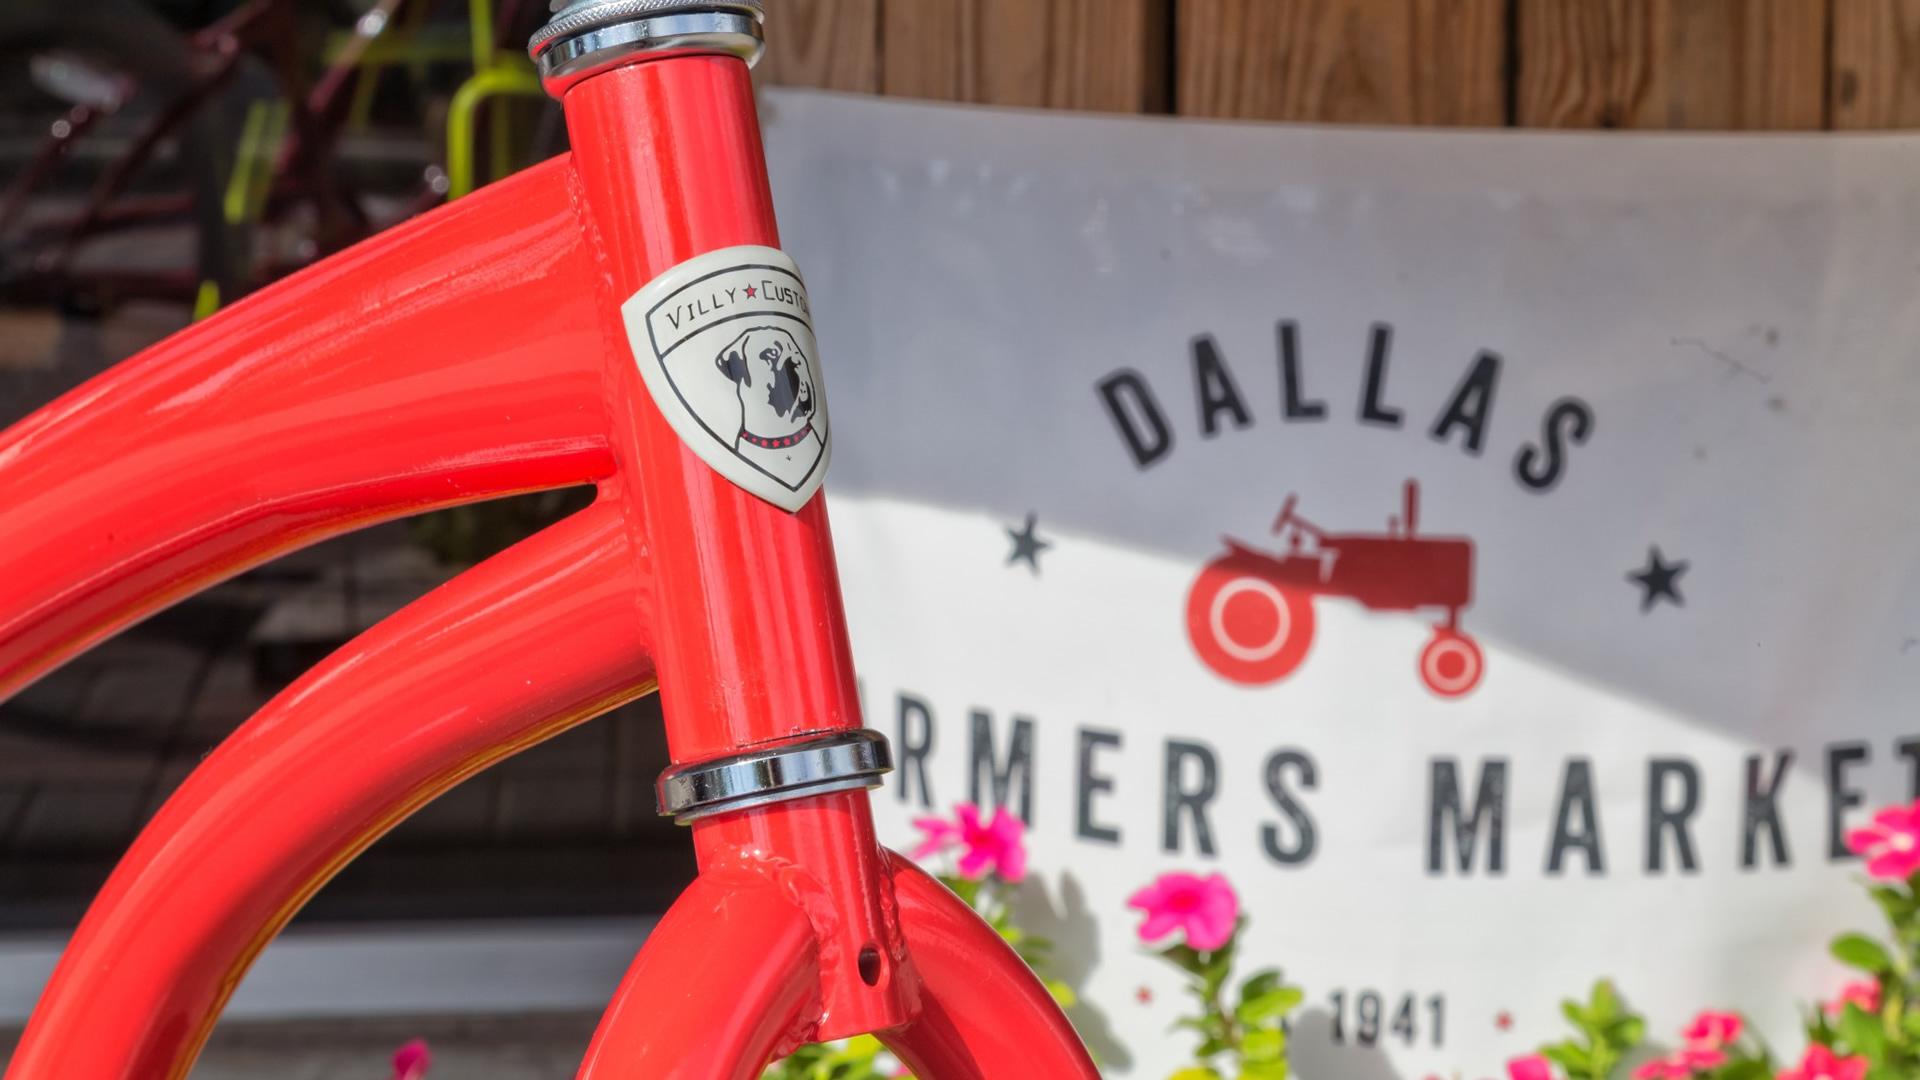 Dallas Farmers Market.